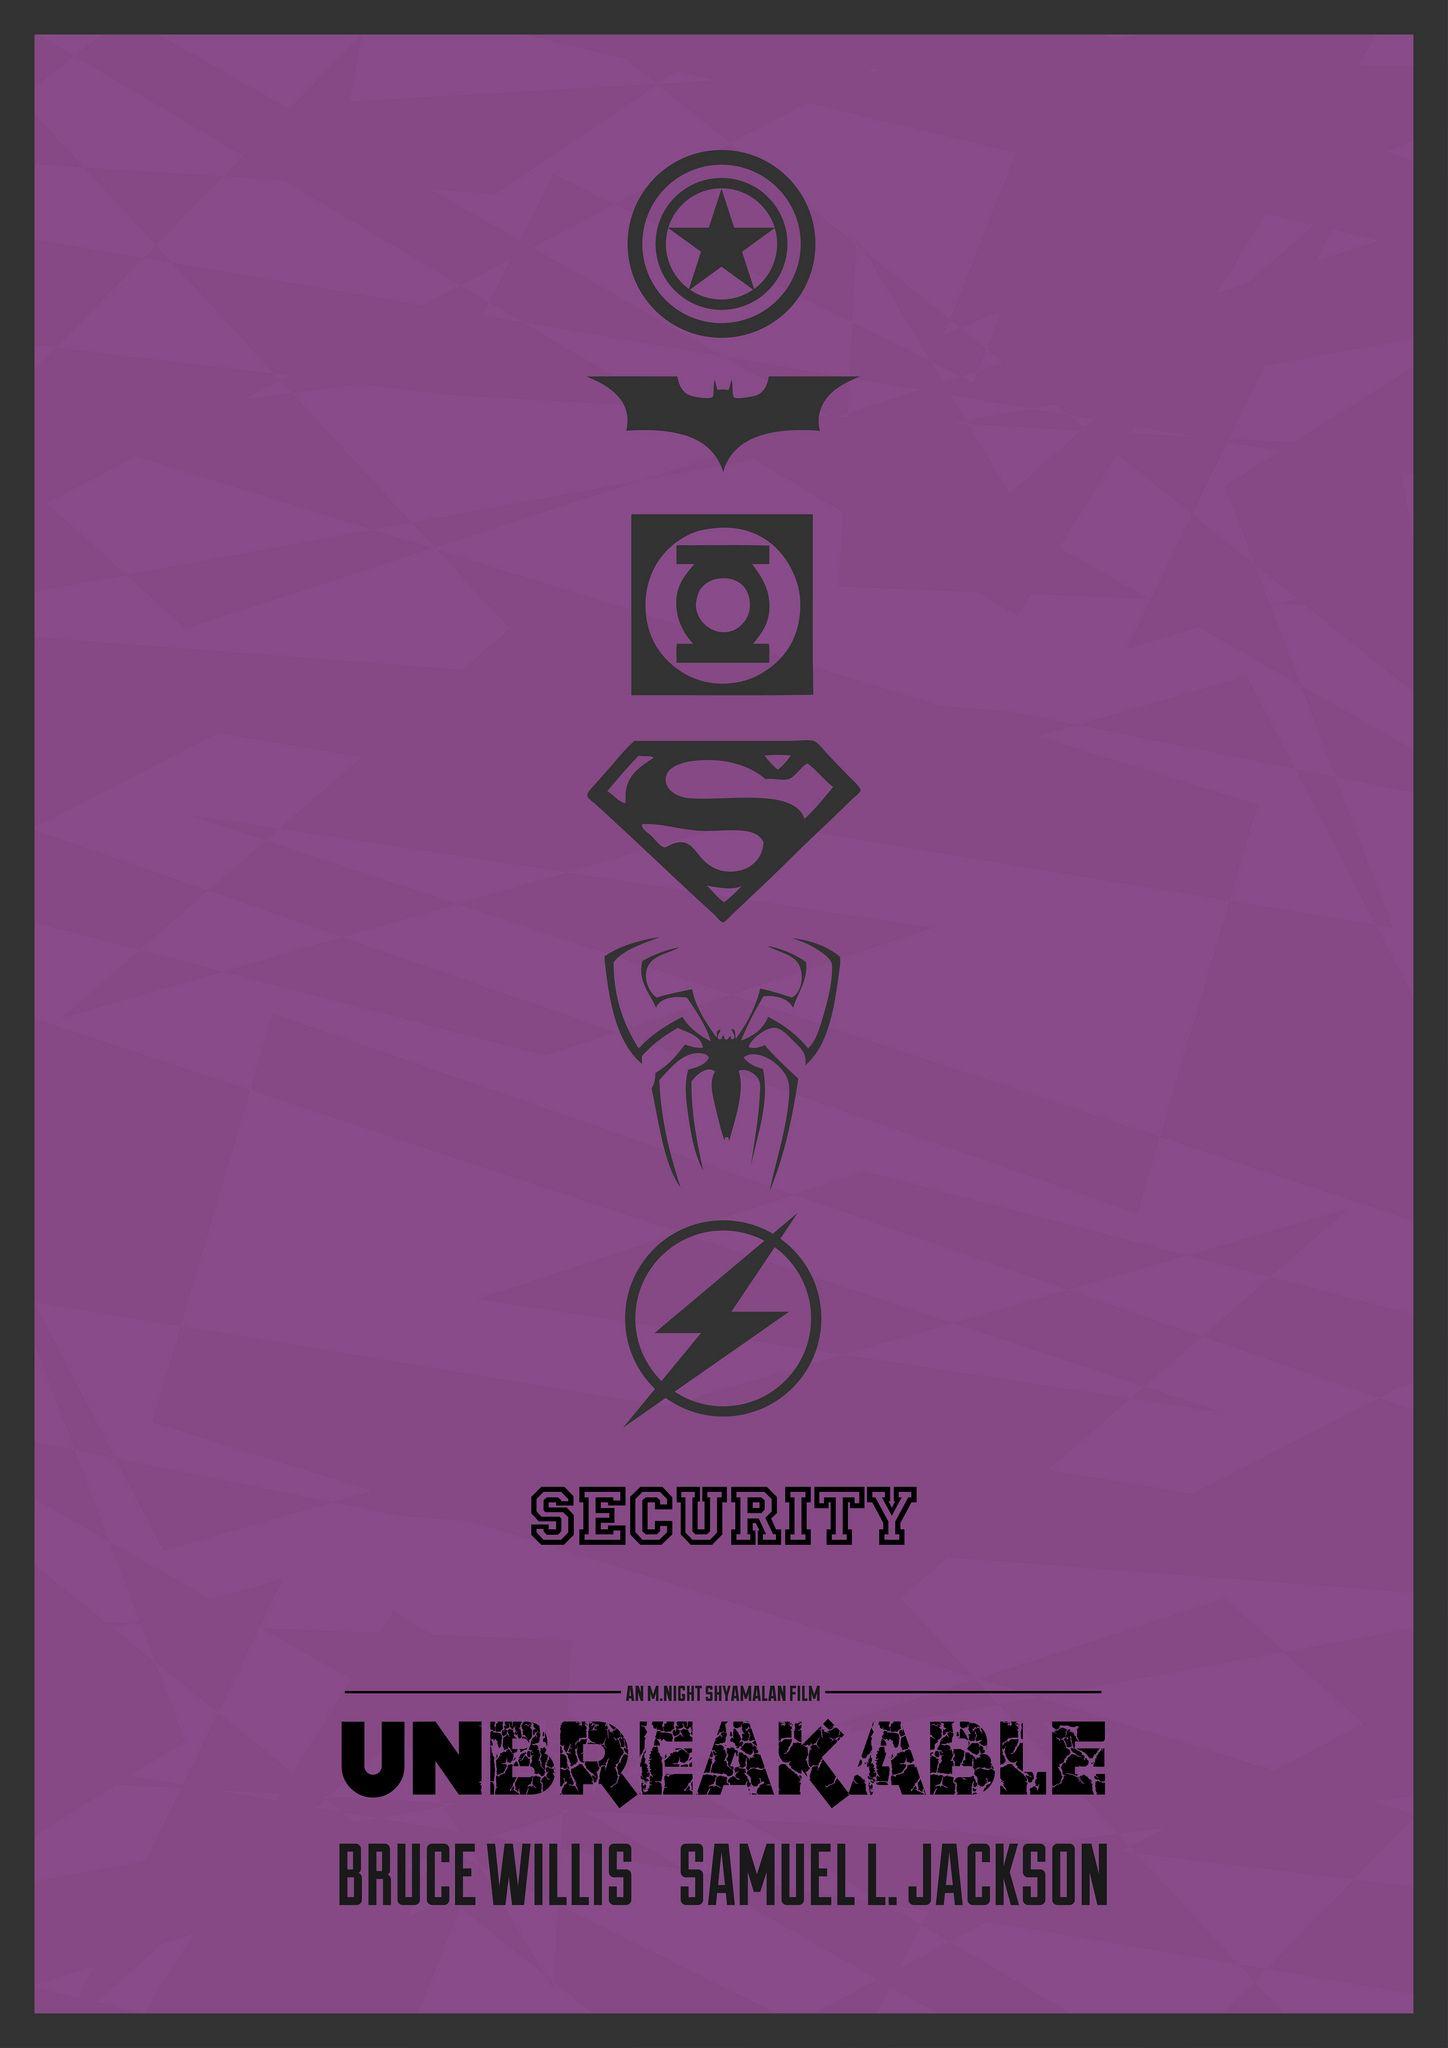 unbreakable minimalist poster cinema minimal movie